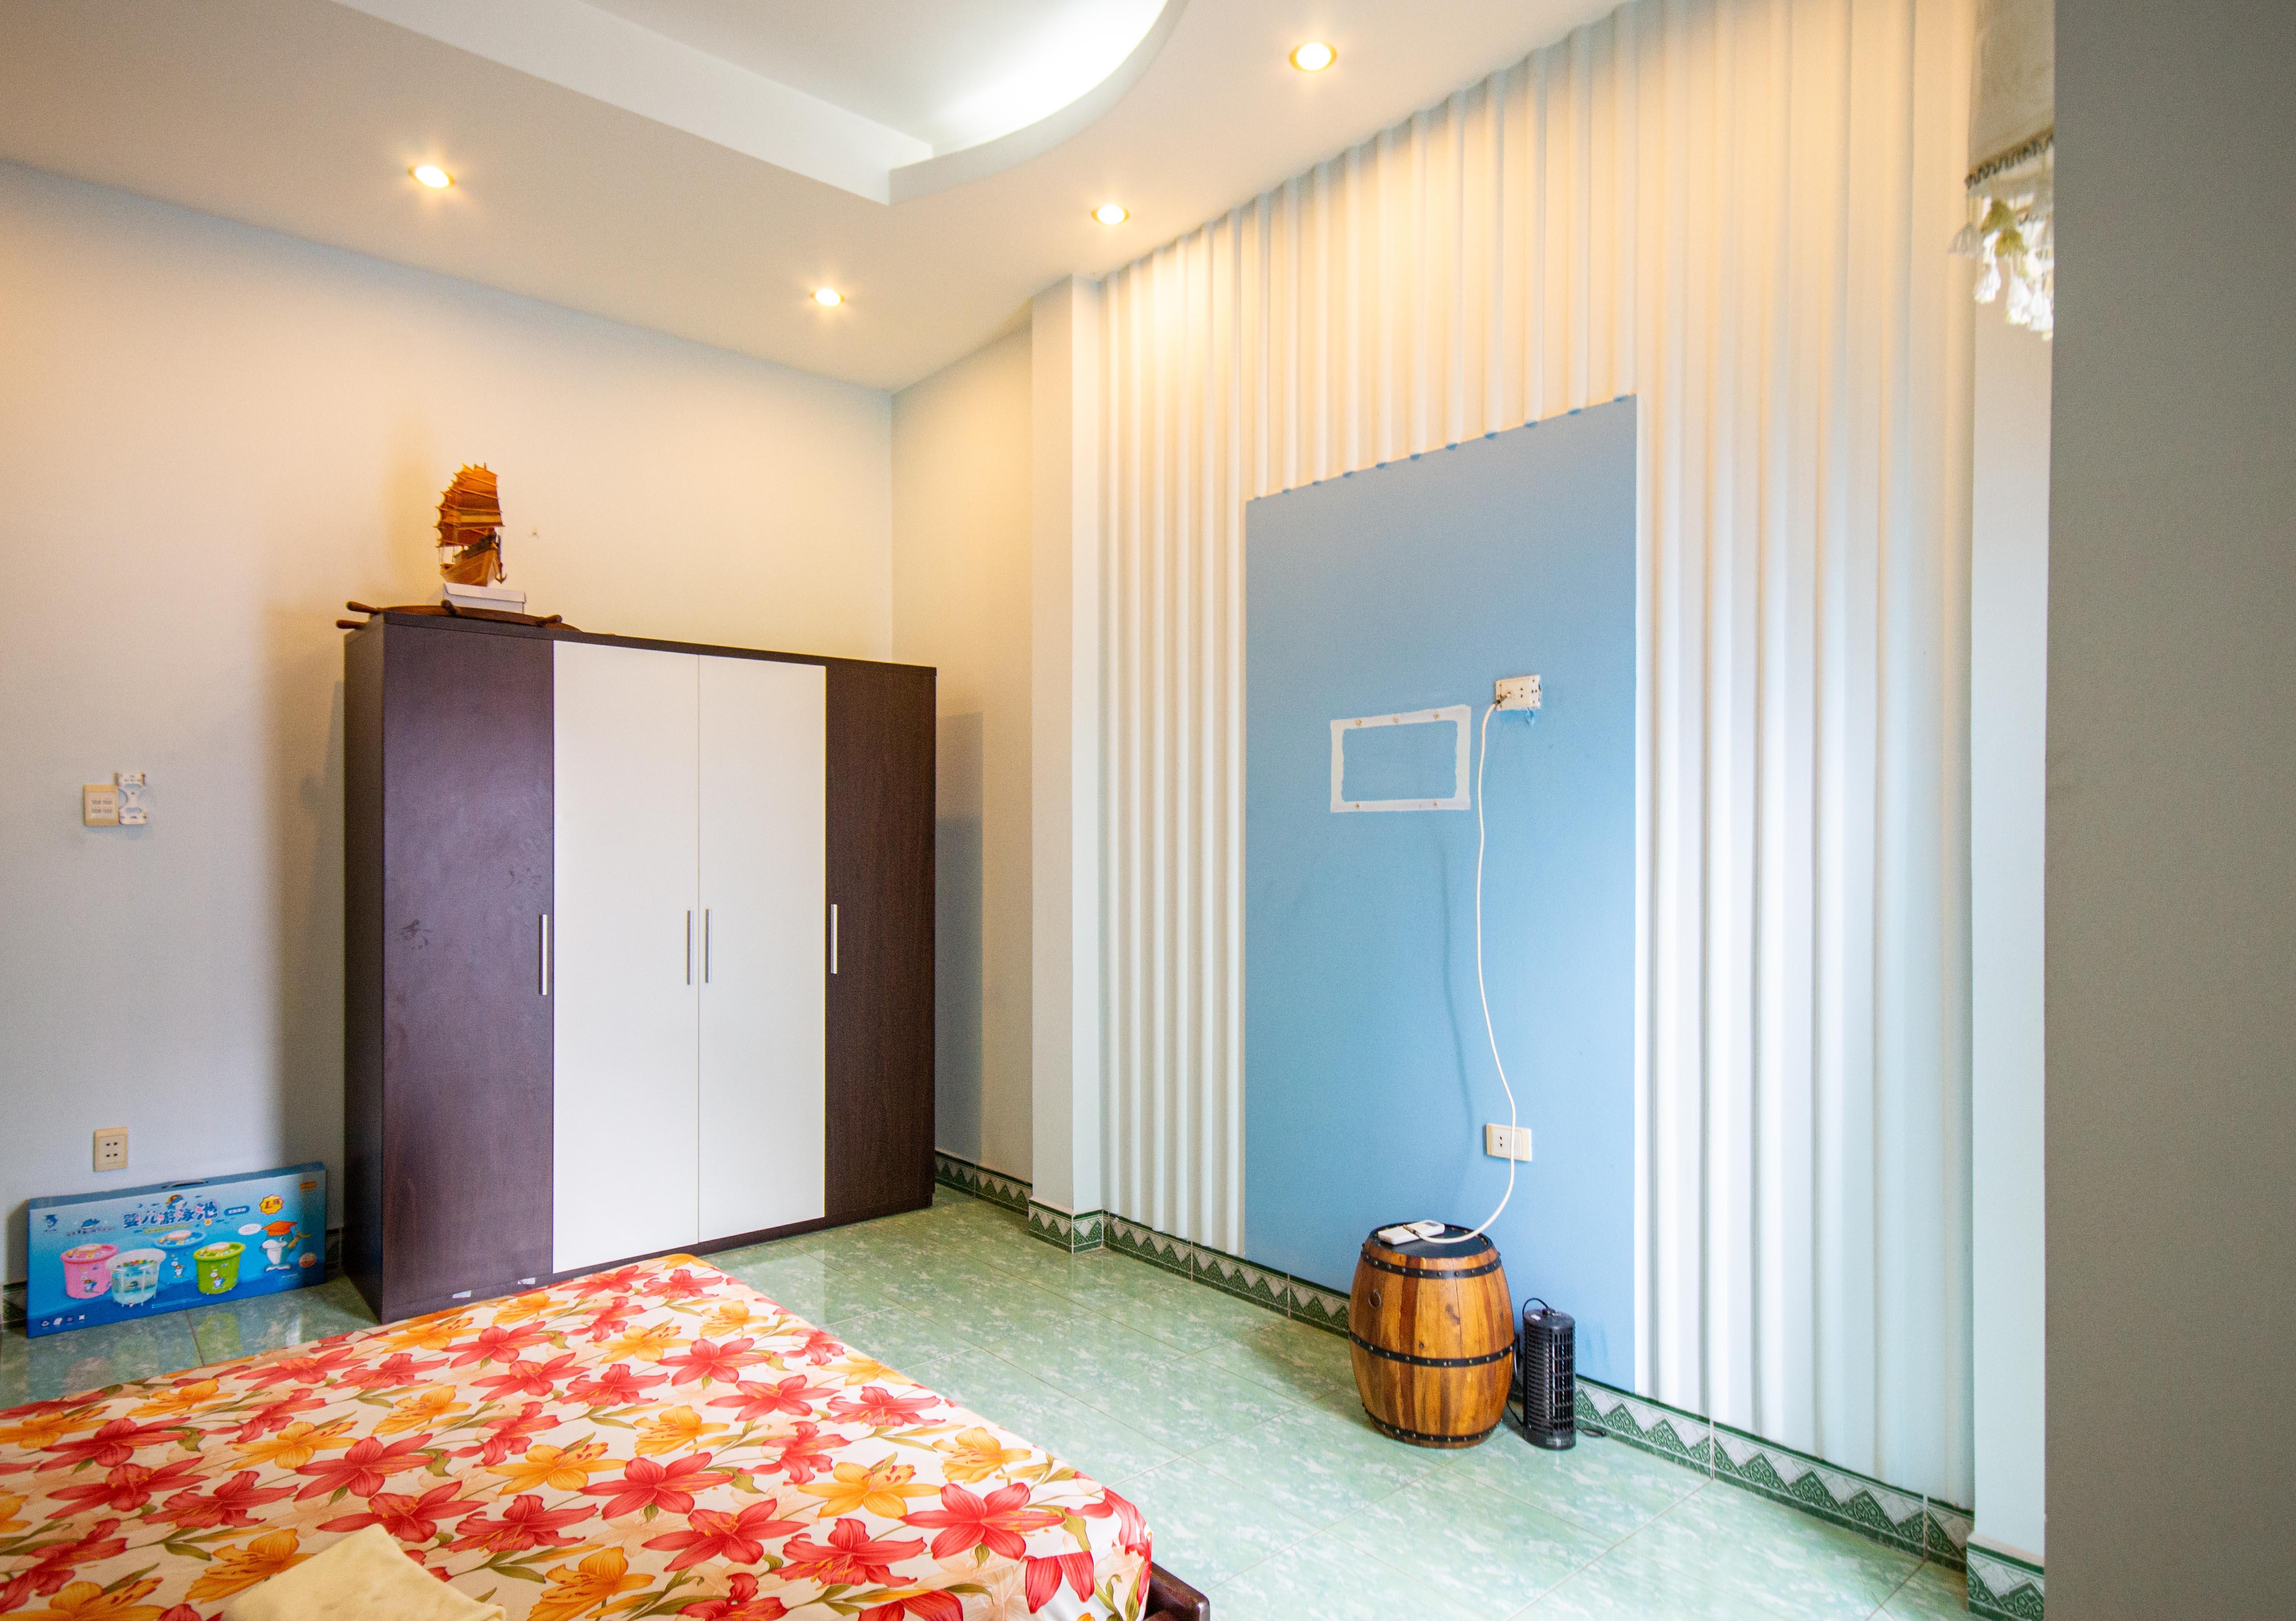 Cho Thuê Căn hộ 1 PN Nguyen Dinh Chieu D3 Apartment - Có Bồn Tắm -6